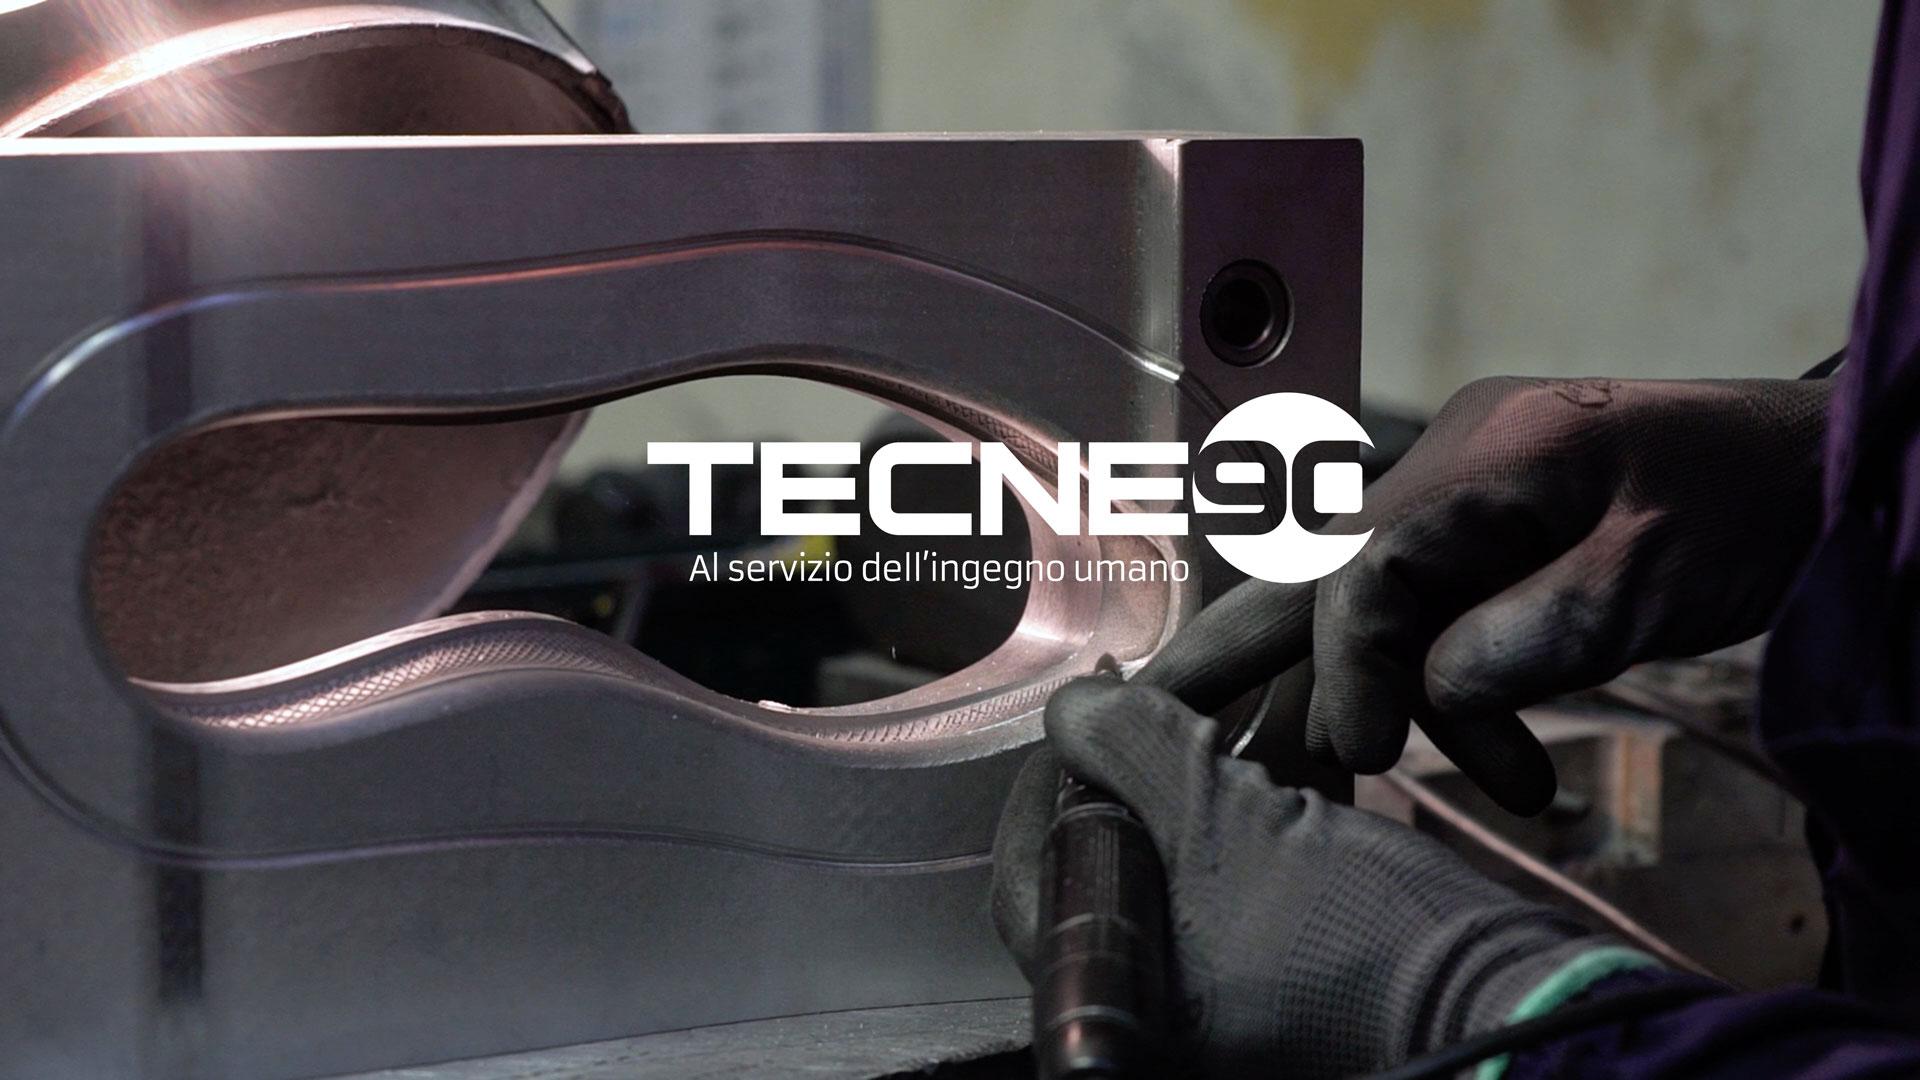 Tecne90